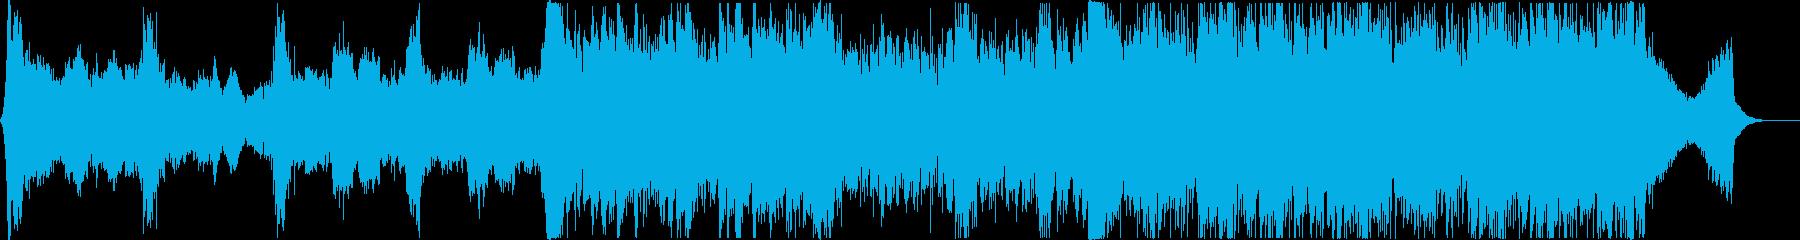 映像系に合う壮大なオーケストラ風の再生済みの波形